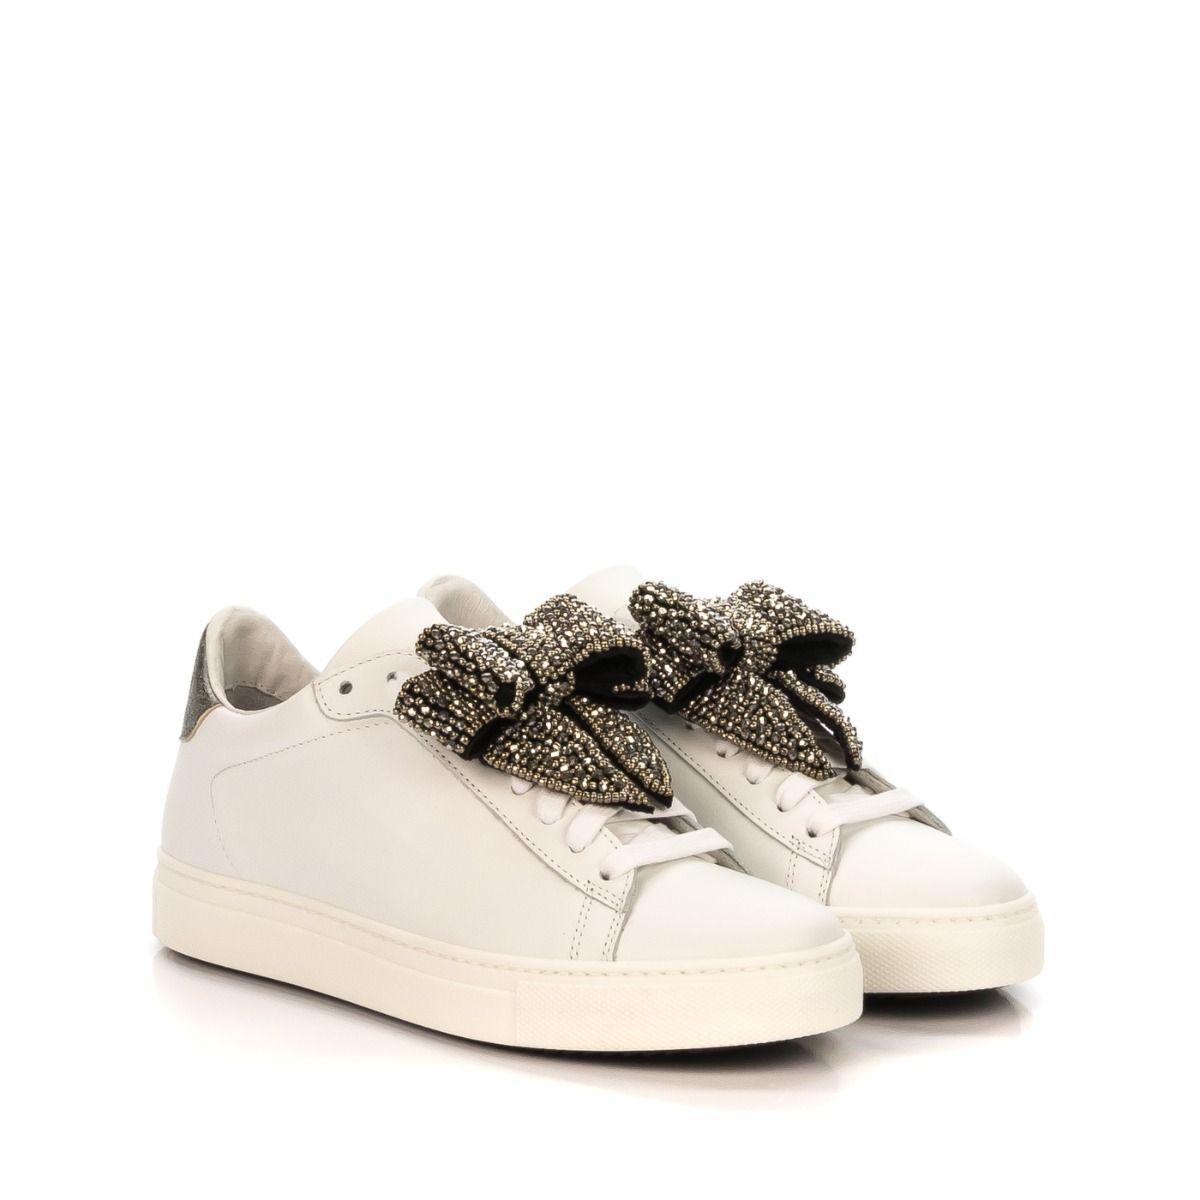 873db322cb STOKTON 671D|sneakers donna|fiocco|pelle|bianco|Spedizione gratuita ...